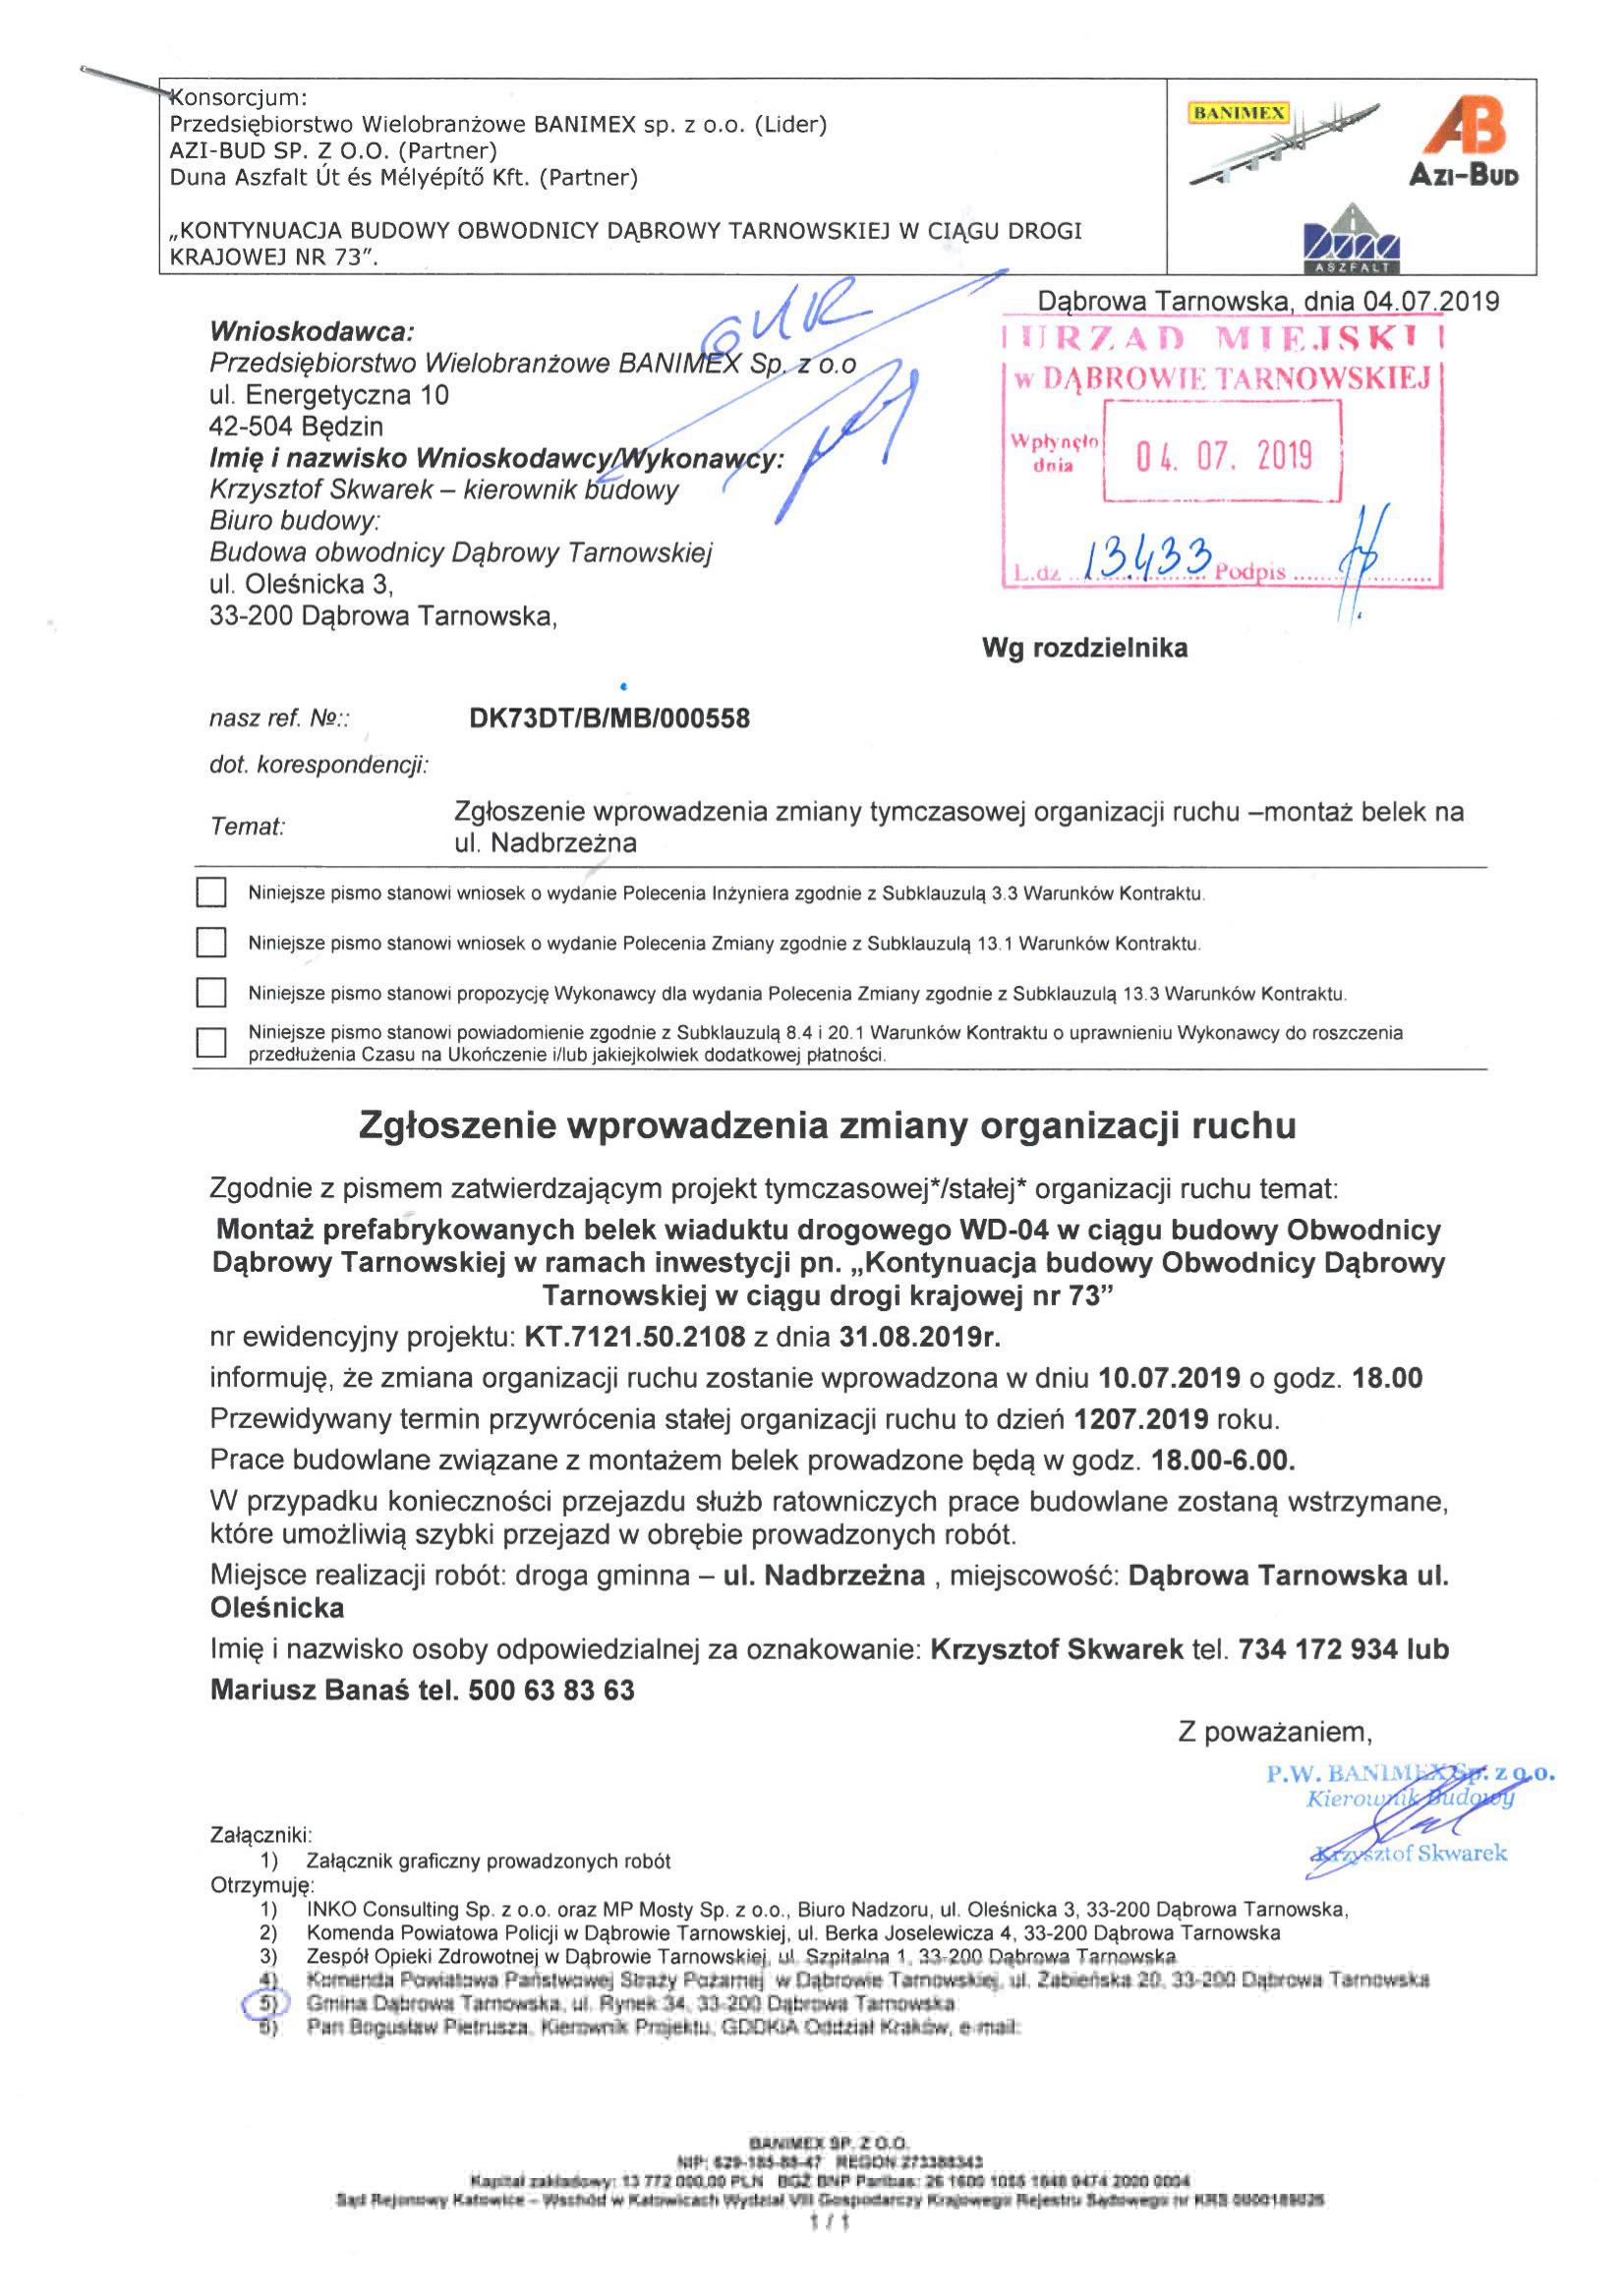 Zgłoszenie 2 001 Zmiany organizacji ruchu drogowego